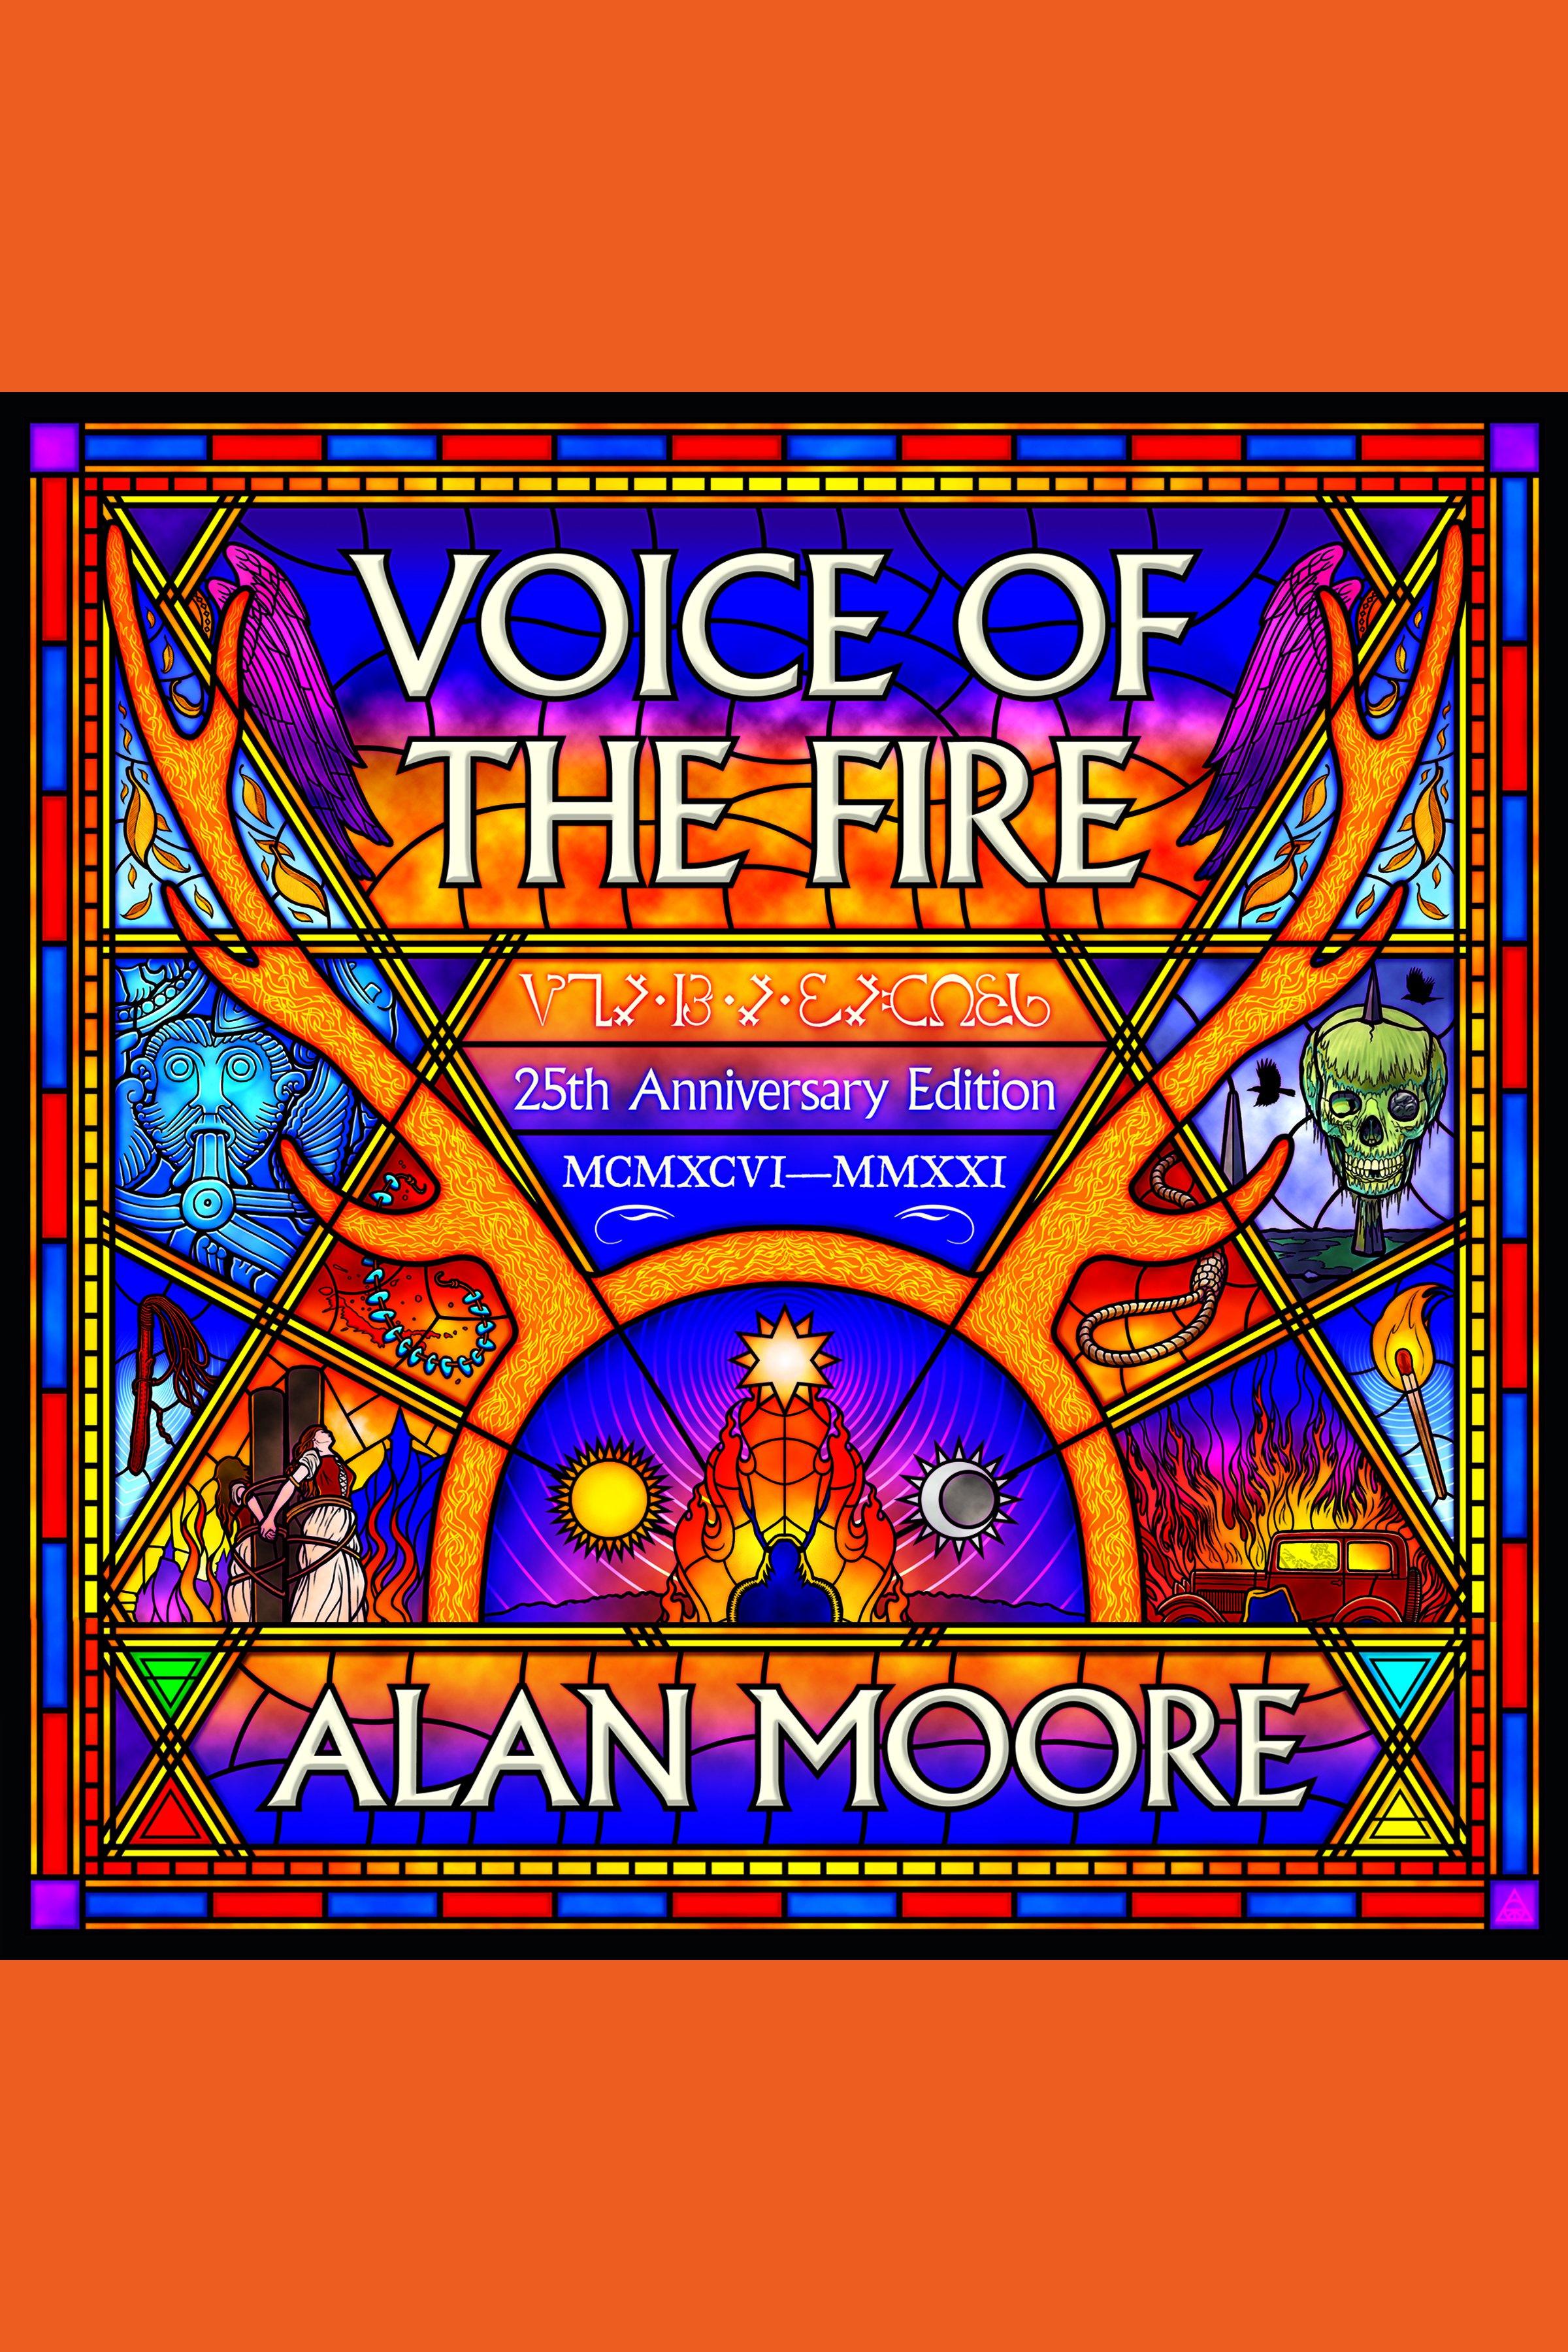 Esta es la portada del audiolibro Voice of the Fire